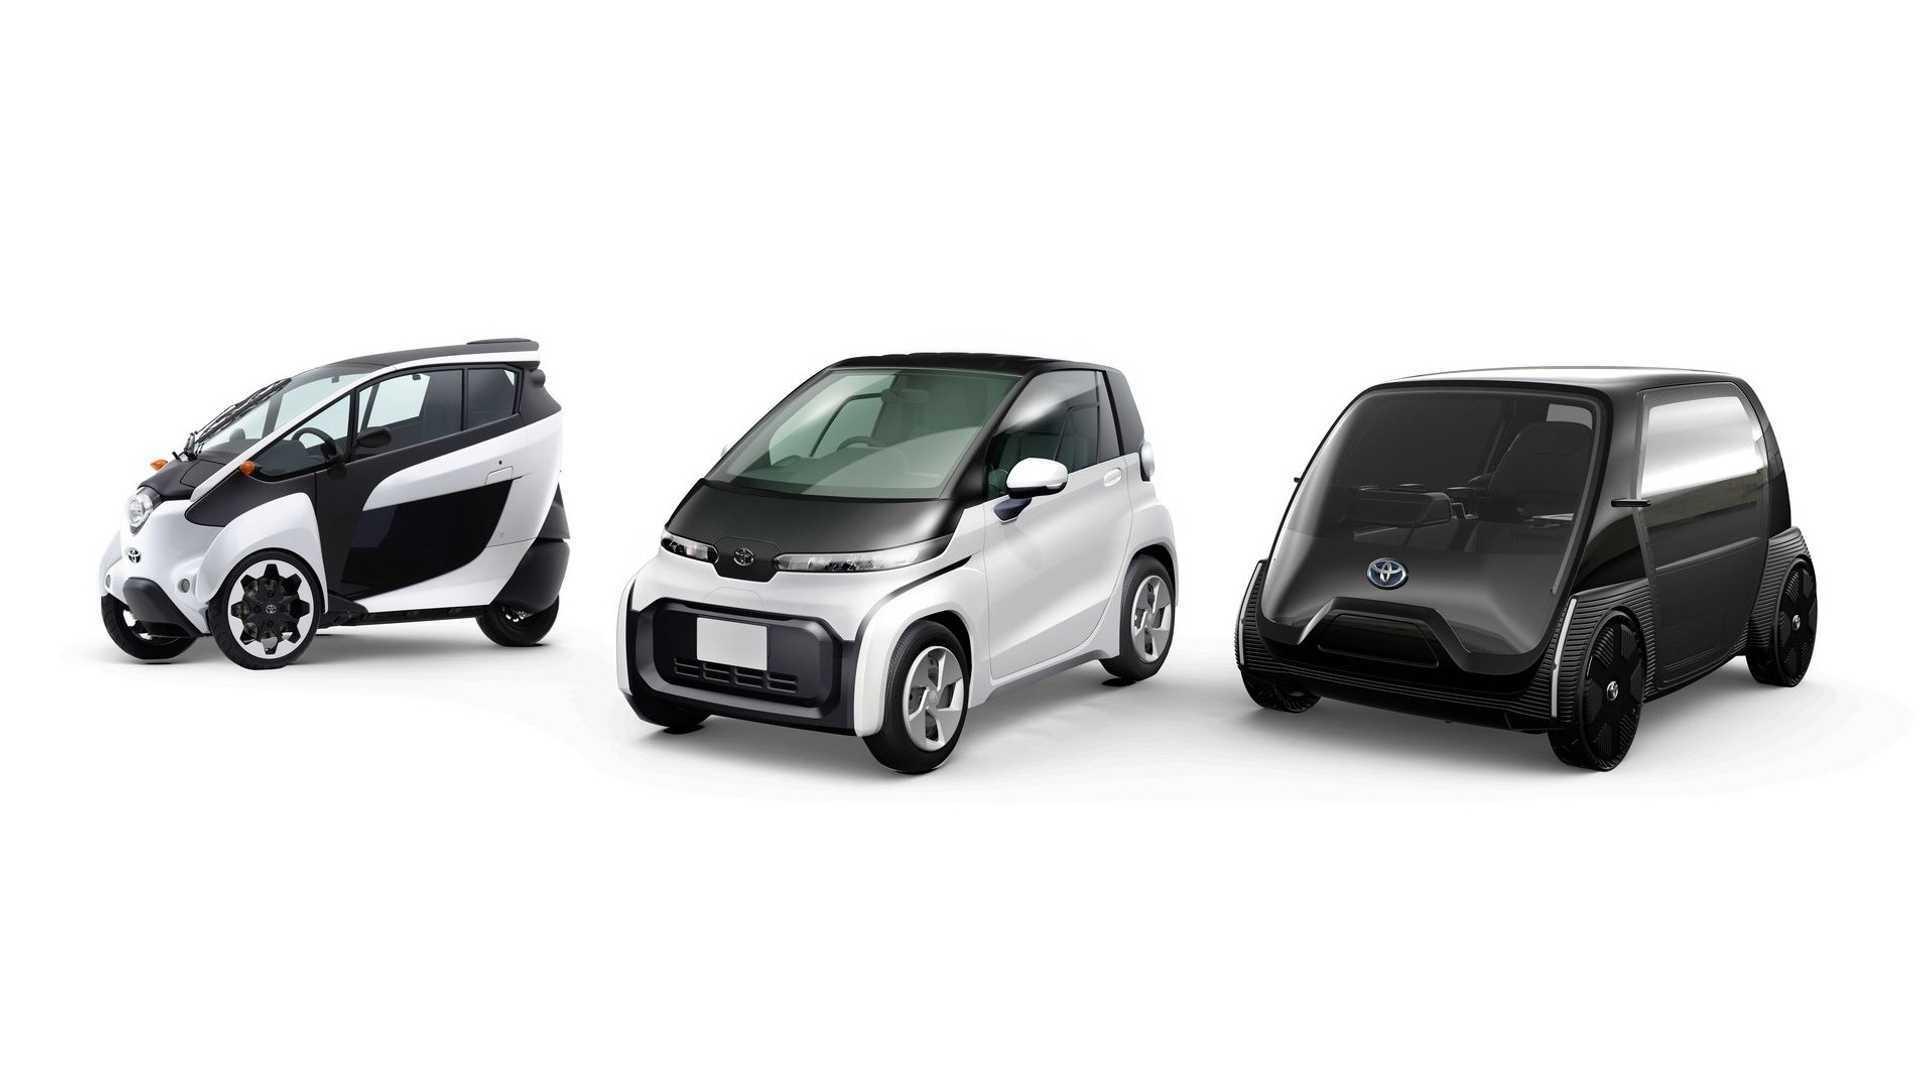 Toyota Ultra Compactos Conceptos